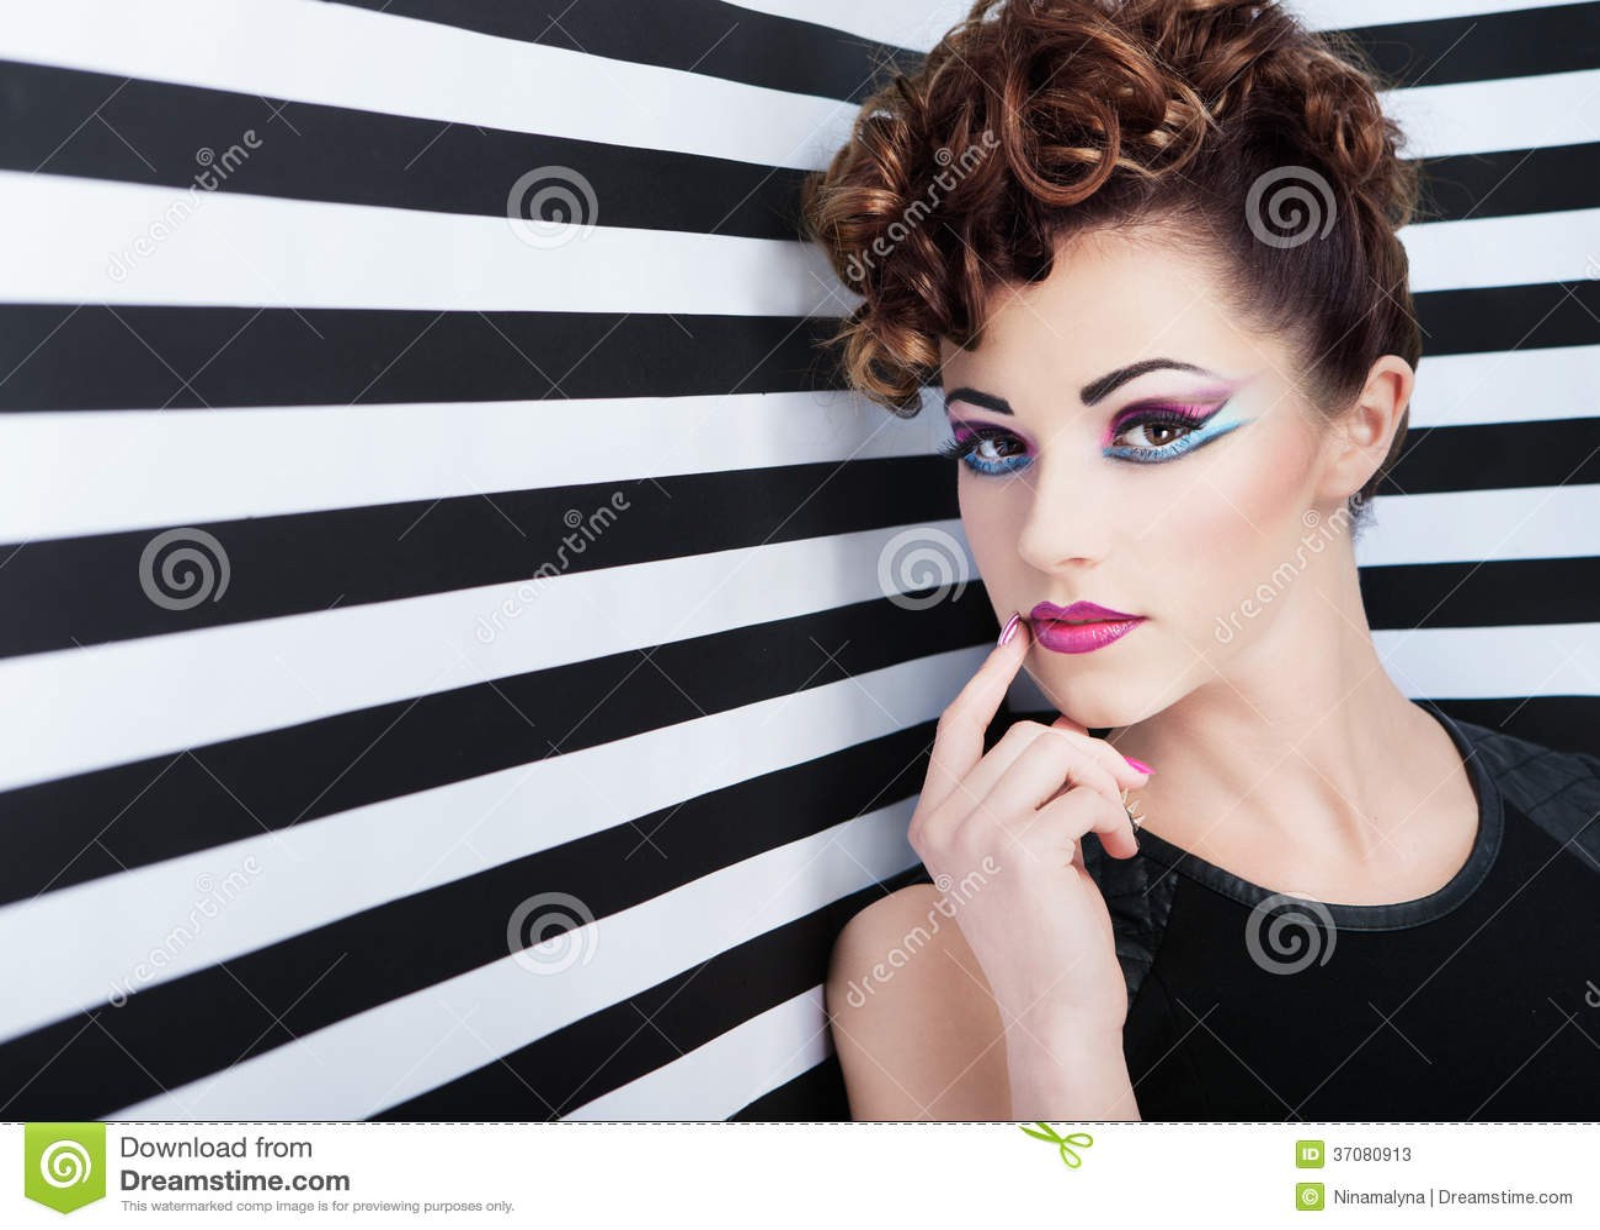 Download Portret Piękna Młoda Kobieta Obraz Stock - Obraz złożonej z pojęcie, target31: 37080913